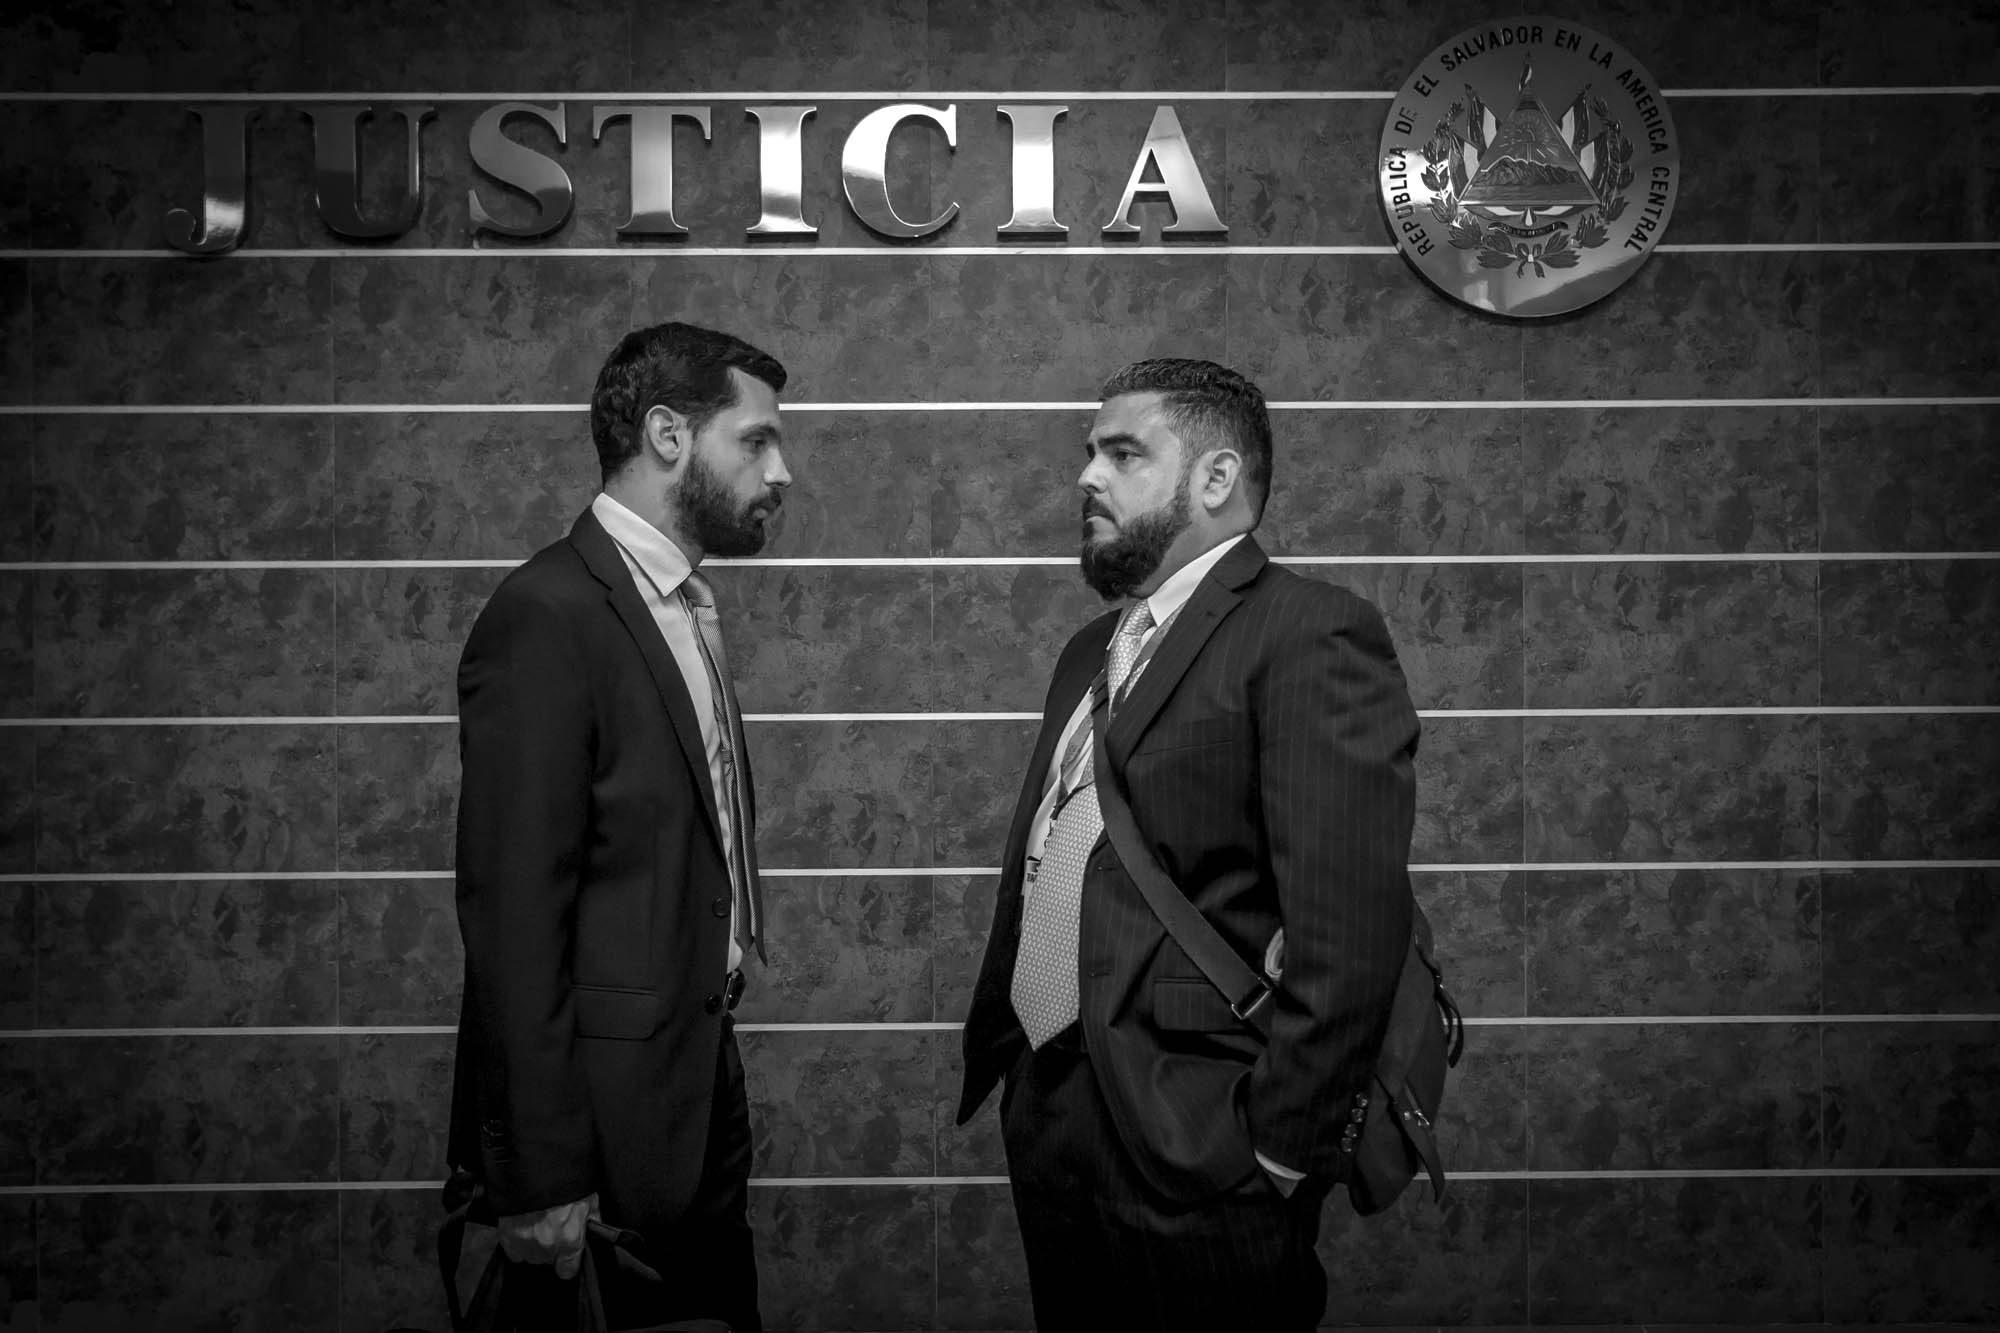 Juez libra de acusaciones a periodista Héctor Silva